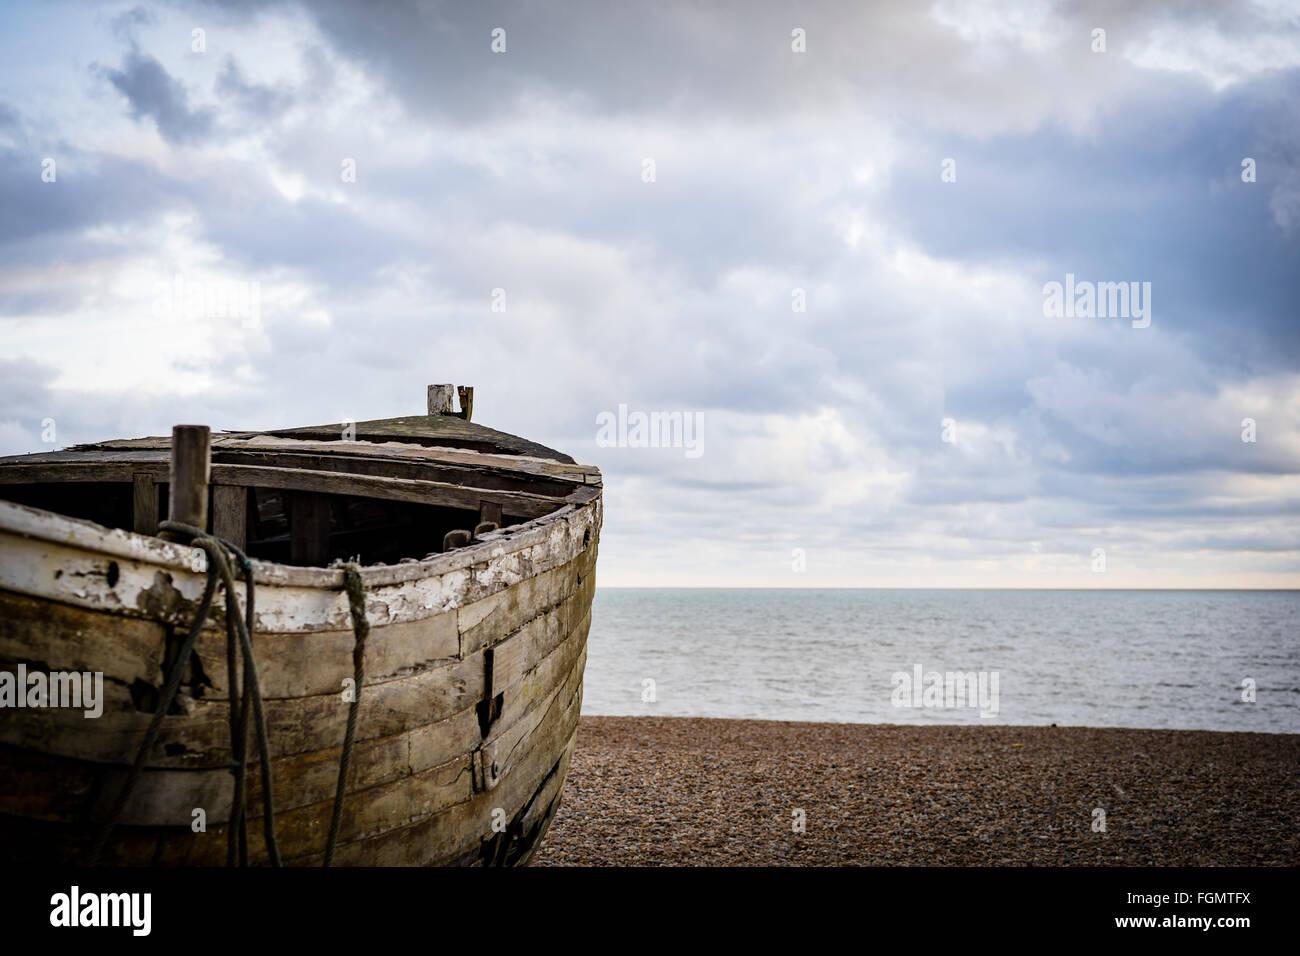 Alte hölzerne Fischerboot am Strand, Brighton, UK Stockfoto